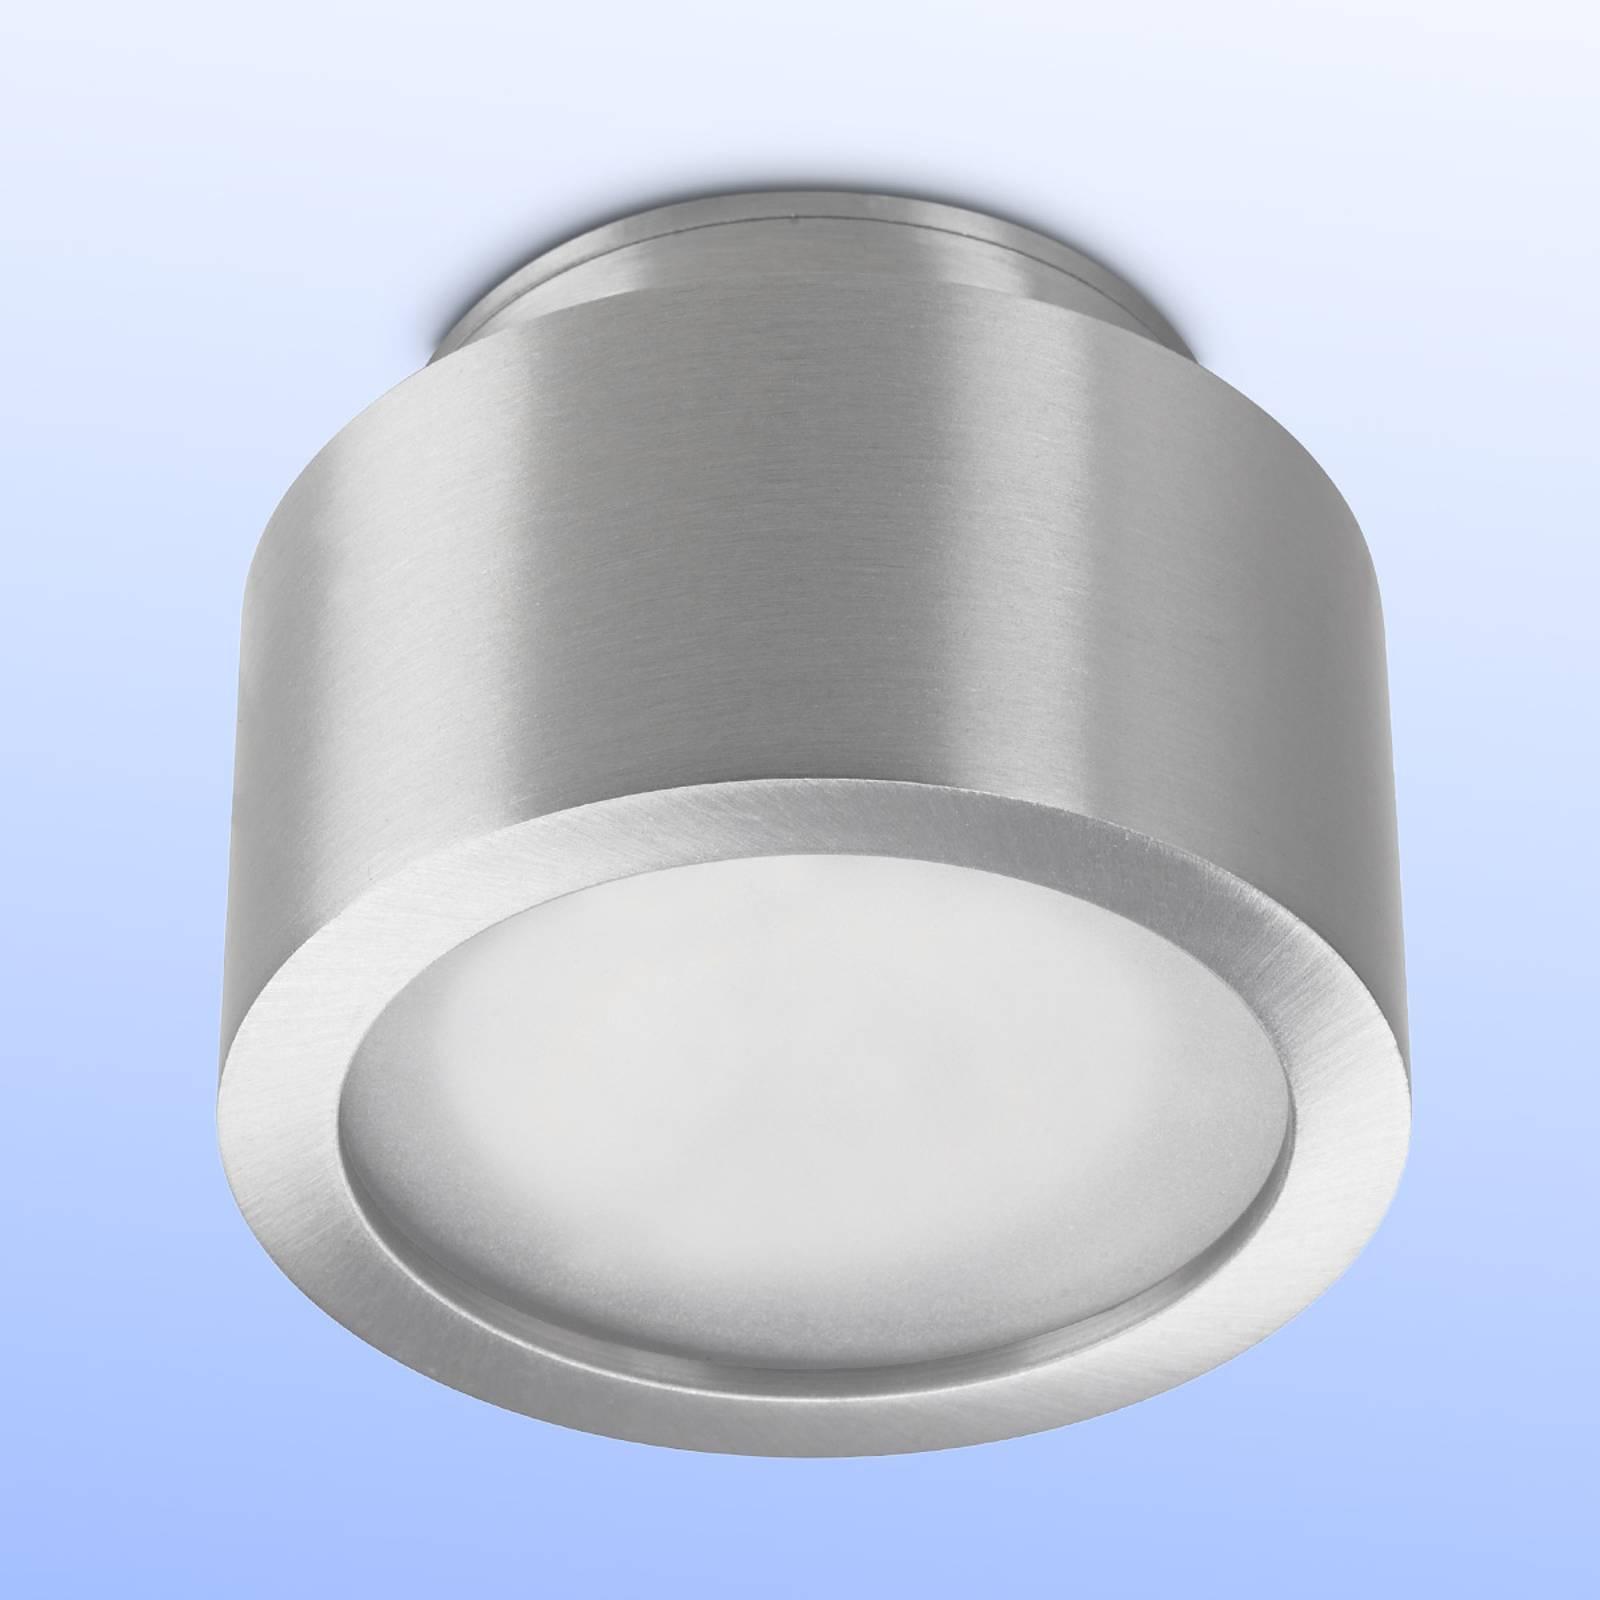 Miniplafondi - kylpyhuoneen kattolamppu LEDillä